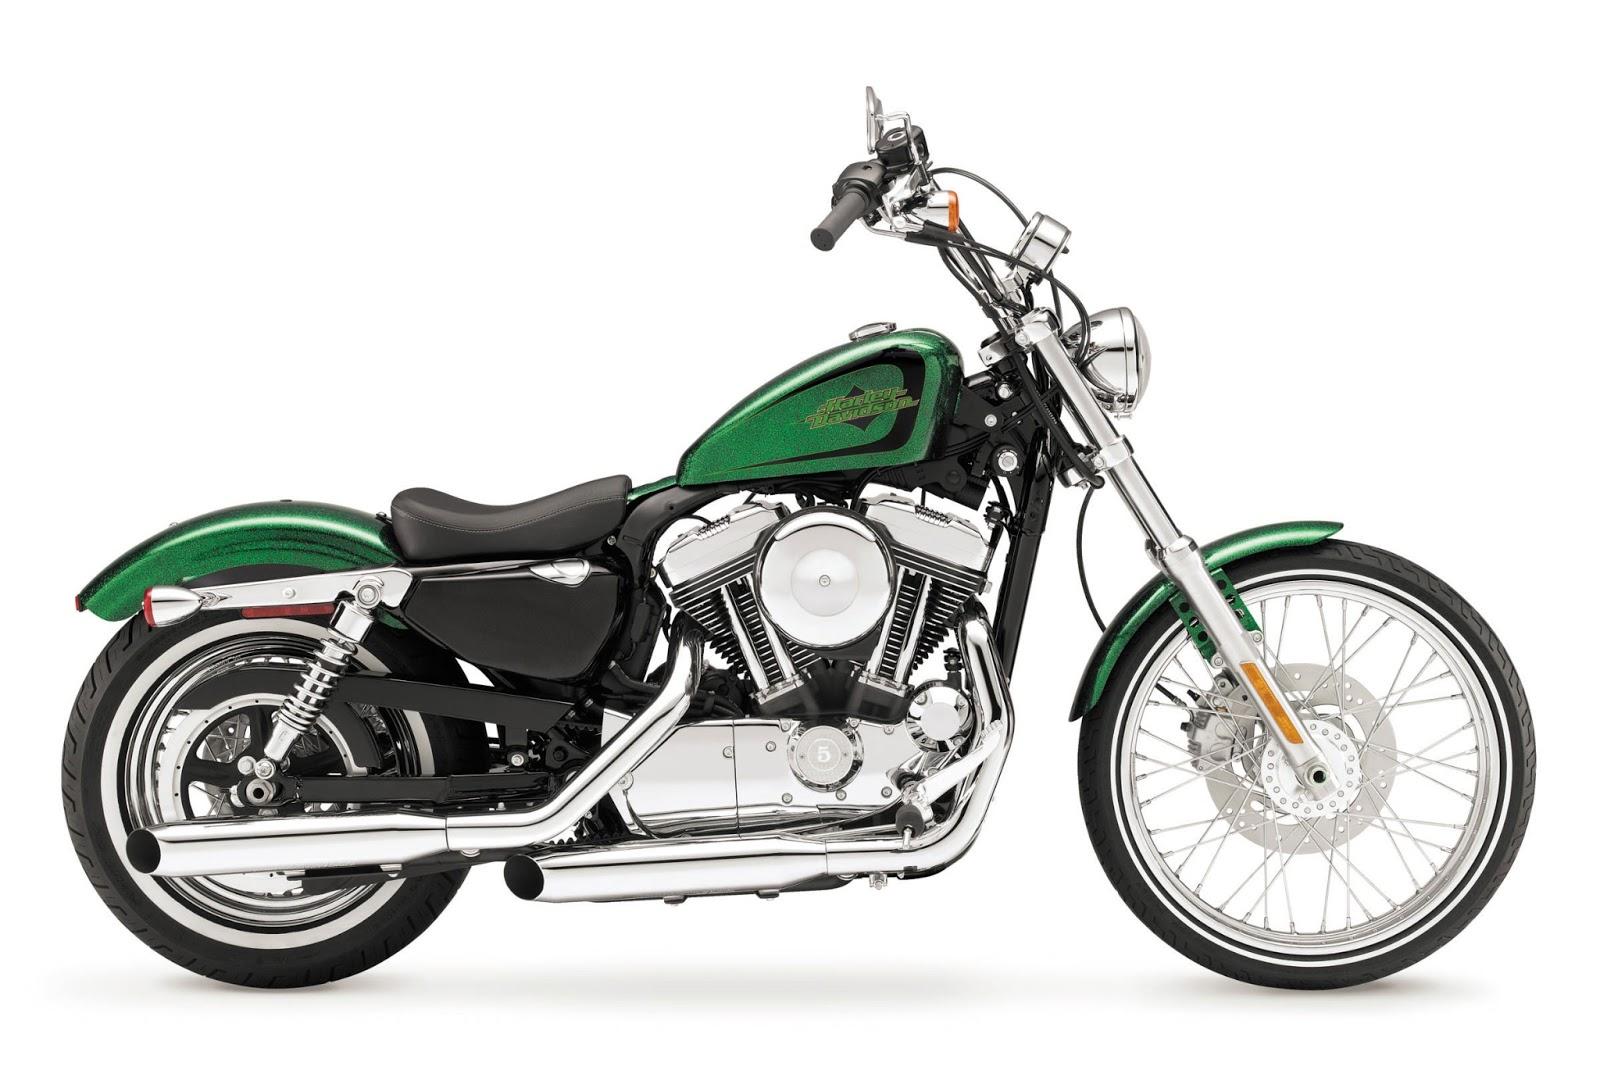 Motorcycles: 2013 Harley-Davidson XL1200V Seventy-Two